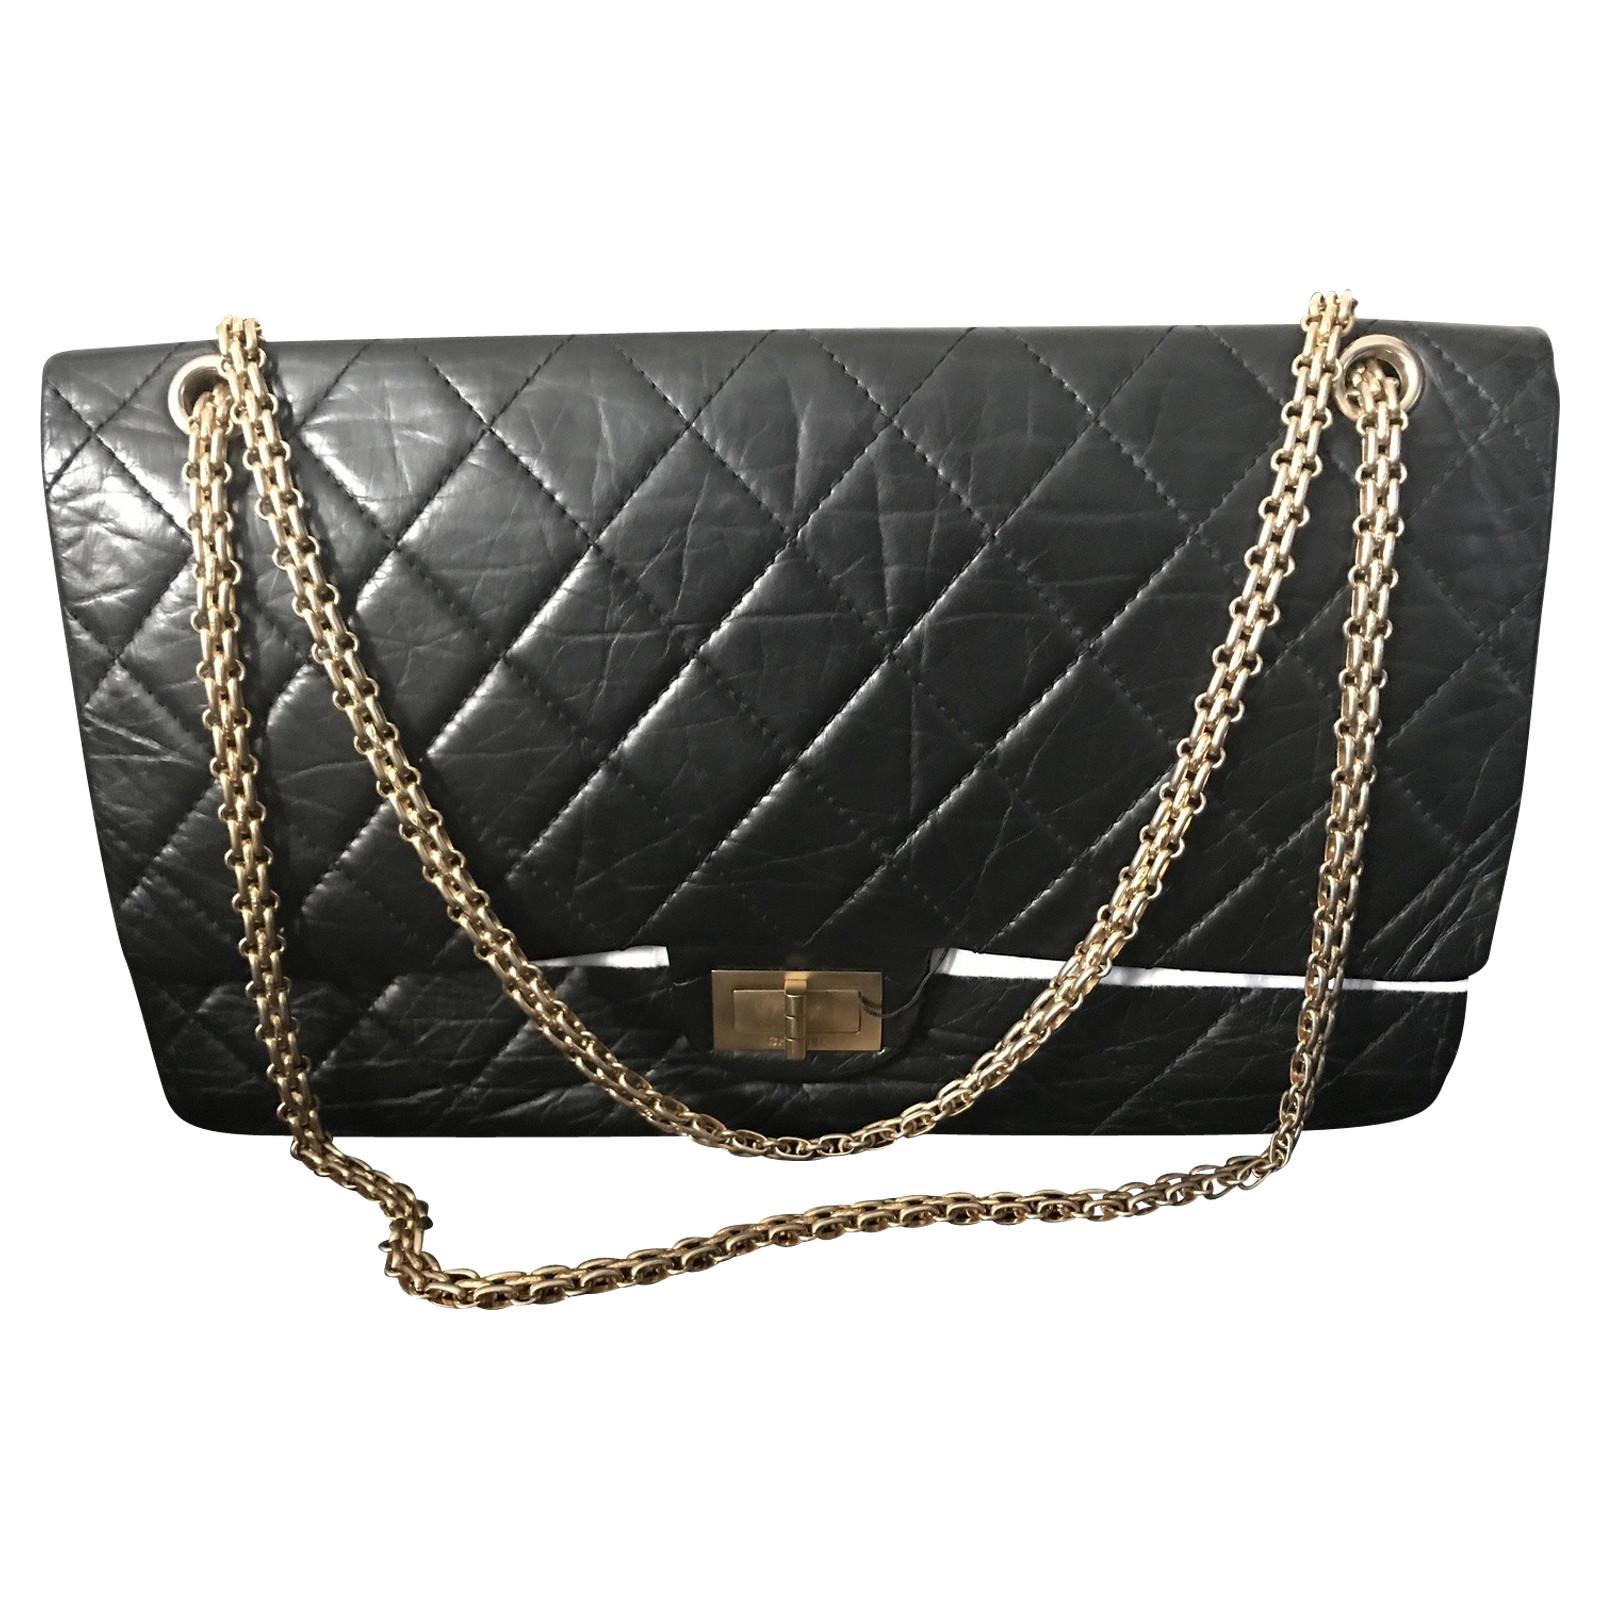 rivenditore di vendita 37ba5 2e5ff Chanel 2.55 in Pelle in Nero - Second hand Chanel 2.55 in Pelle in ...